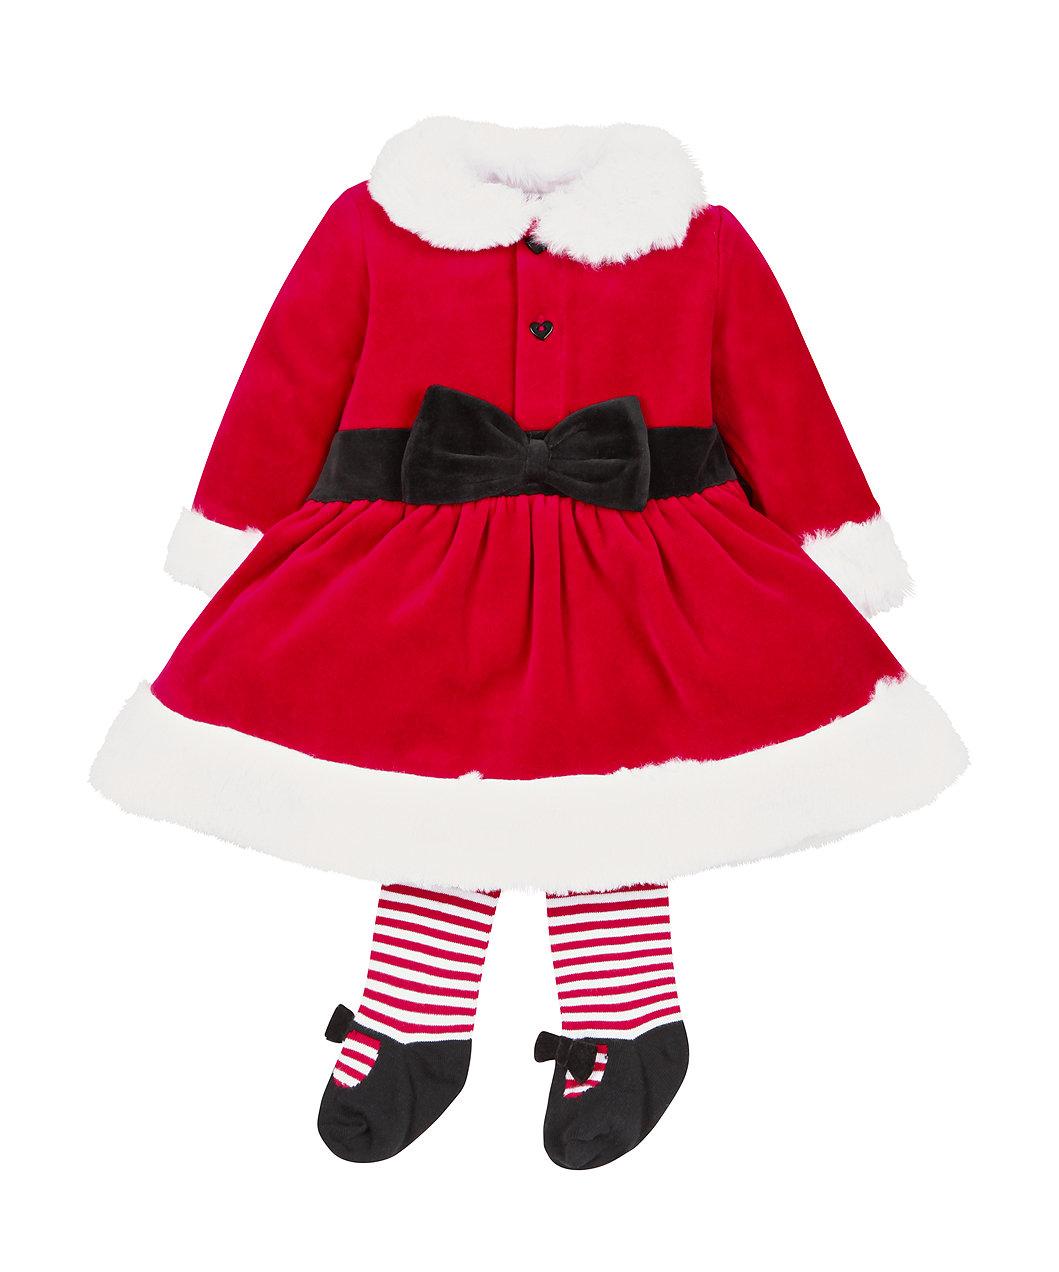 dc19247d9 Mrs Santa Dress Up and Tights